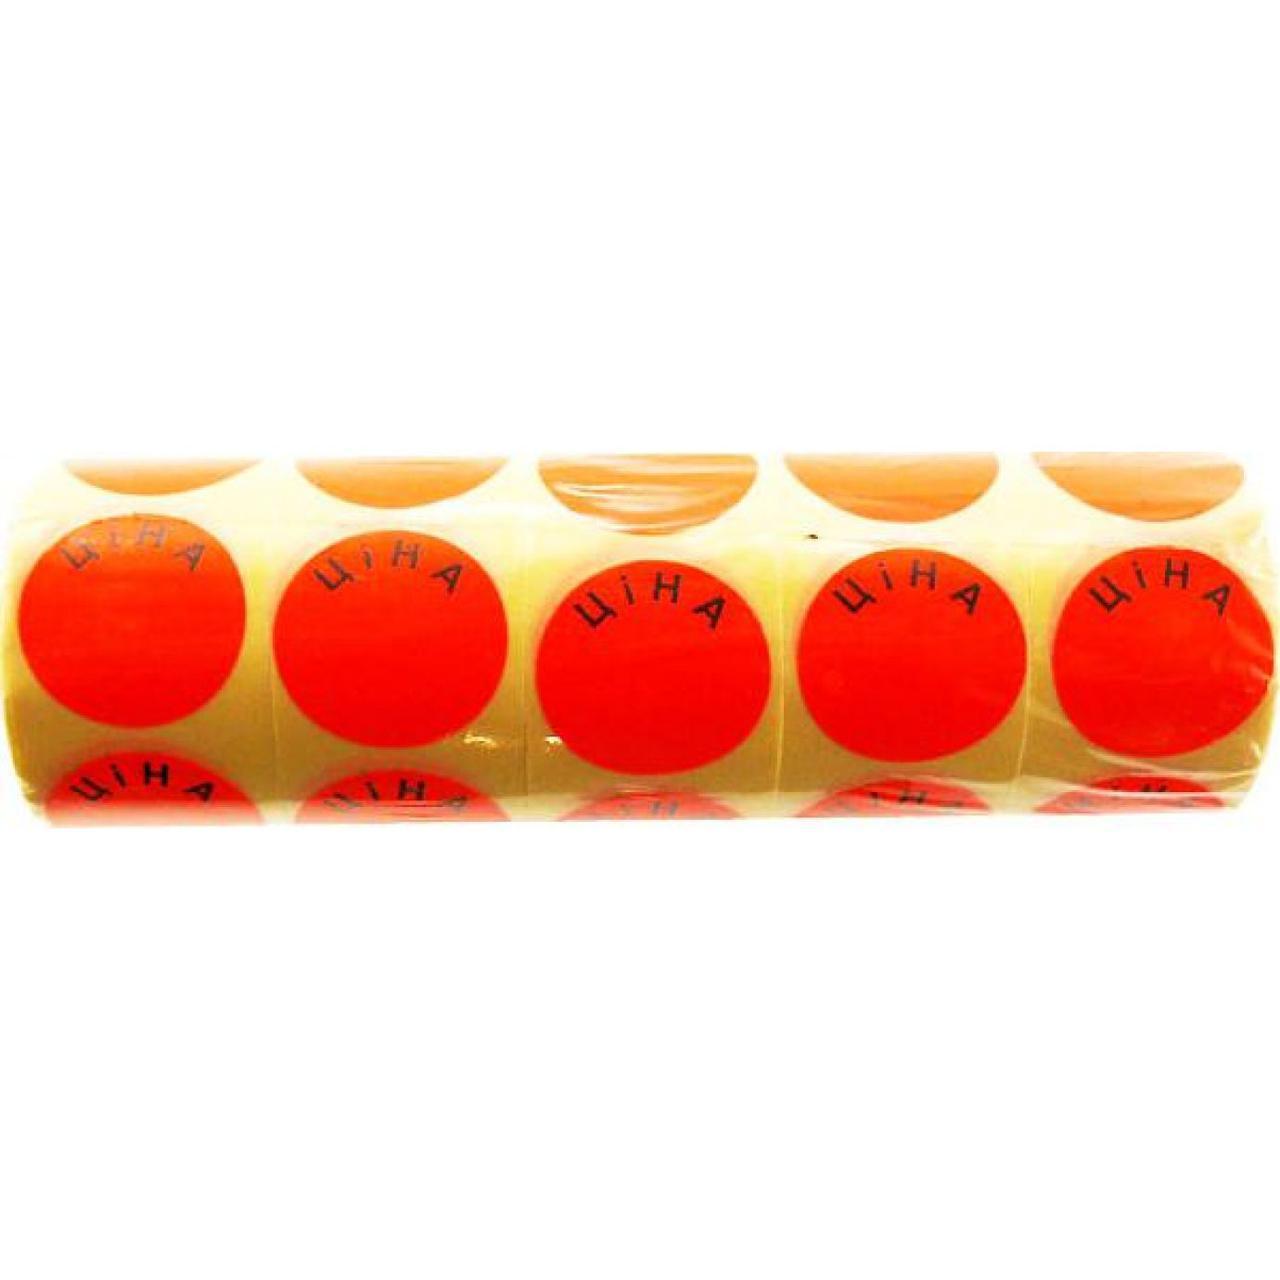 Ценник круглый 3,5м красный (5) (210)